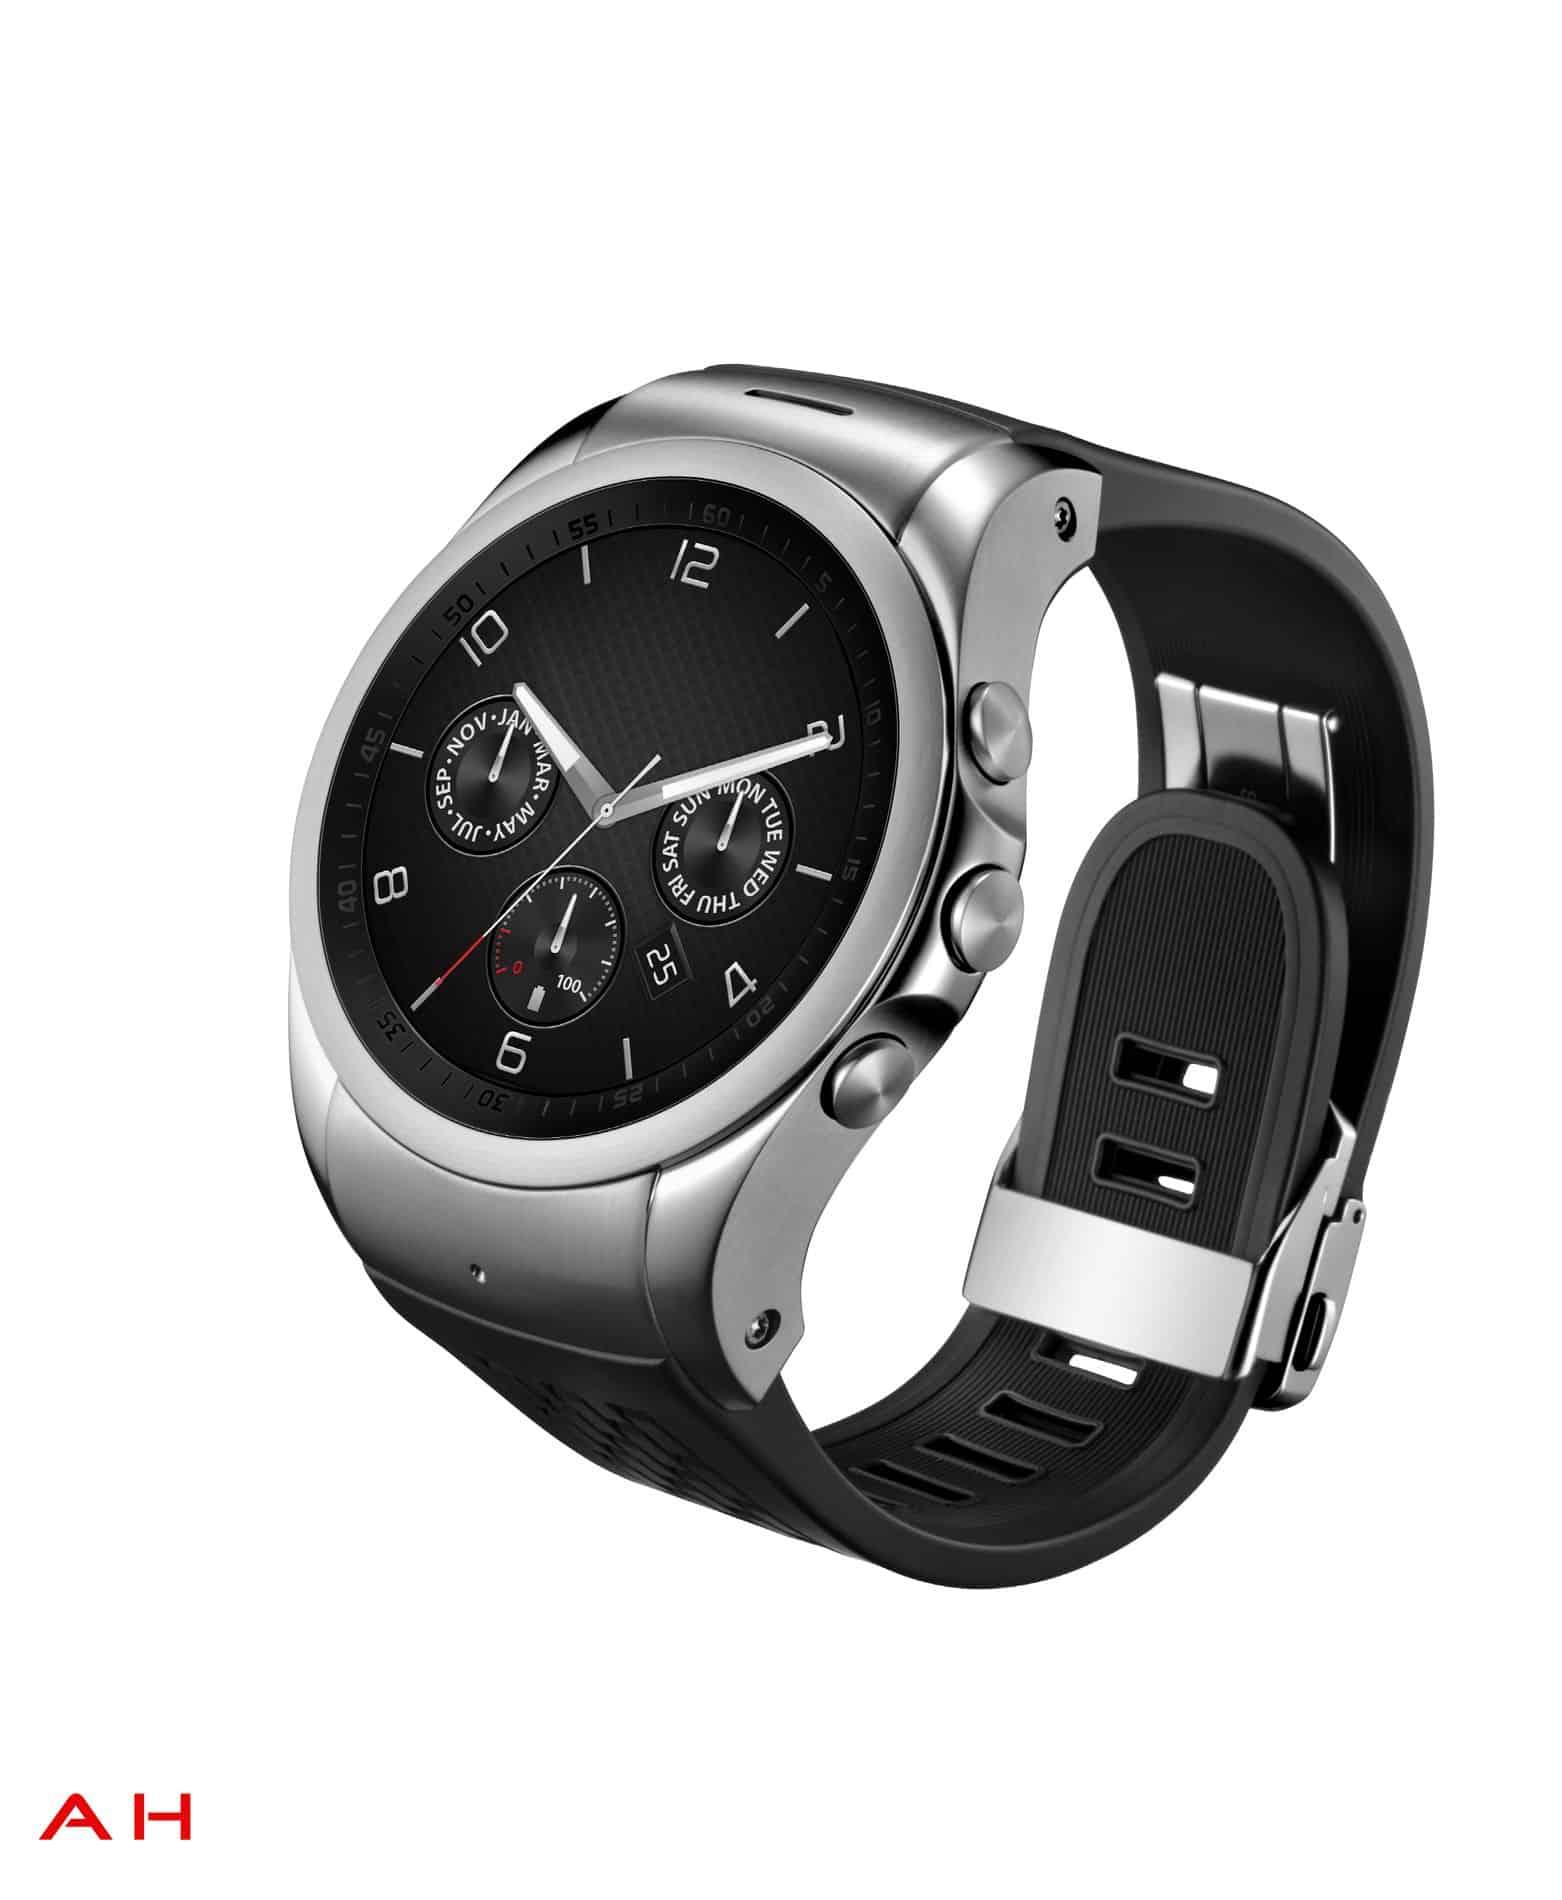 LG Watch Urbane 4G AH 3